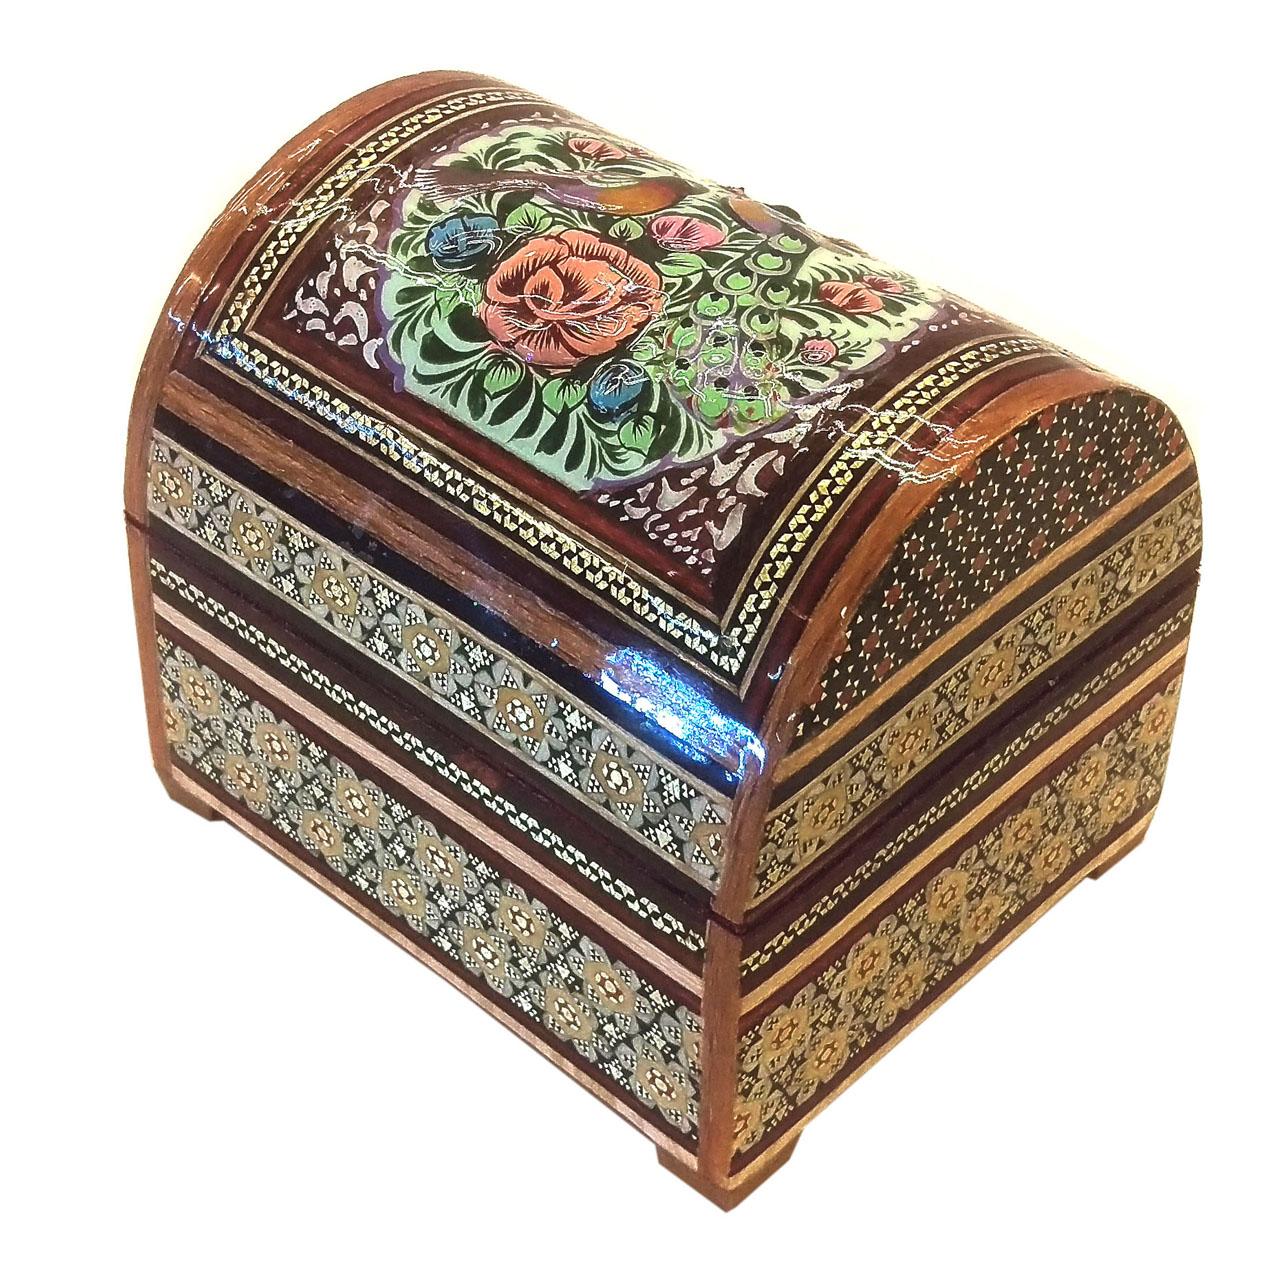 خرید                      صندوقچه خاتم لوح هنر طرح گل و پرنده کد 1048